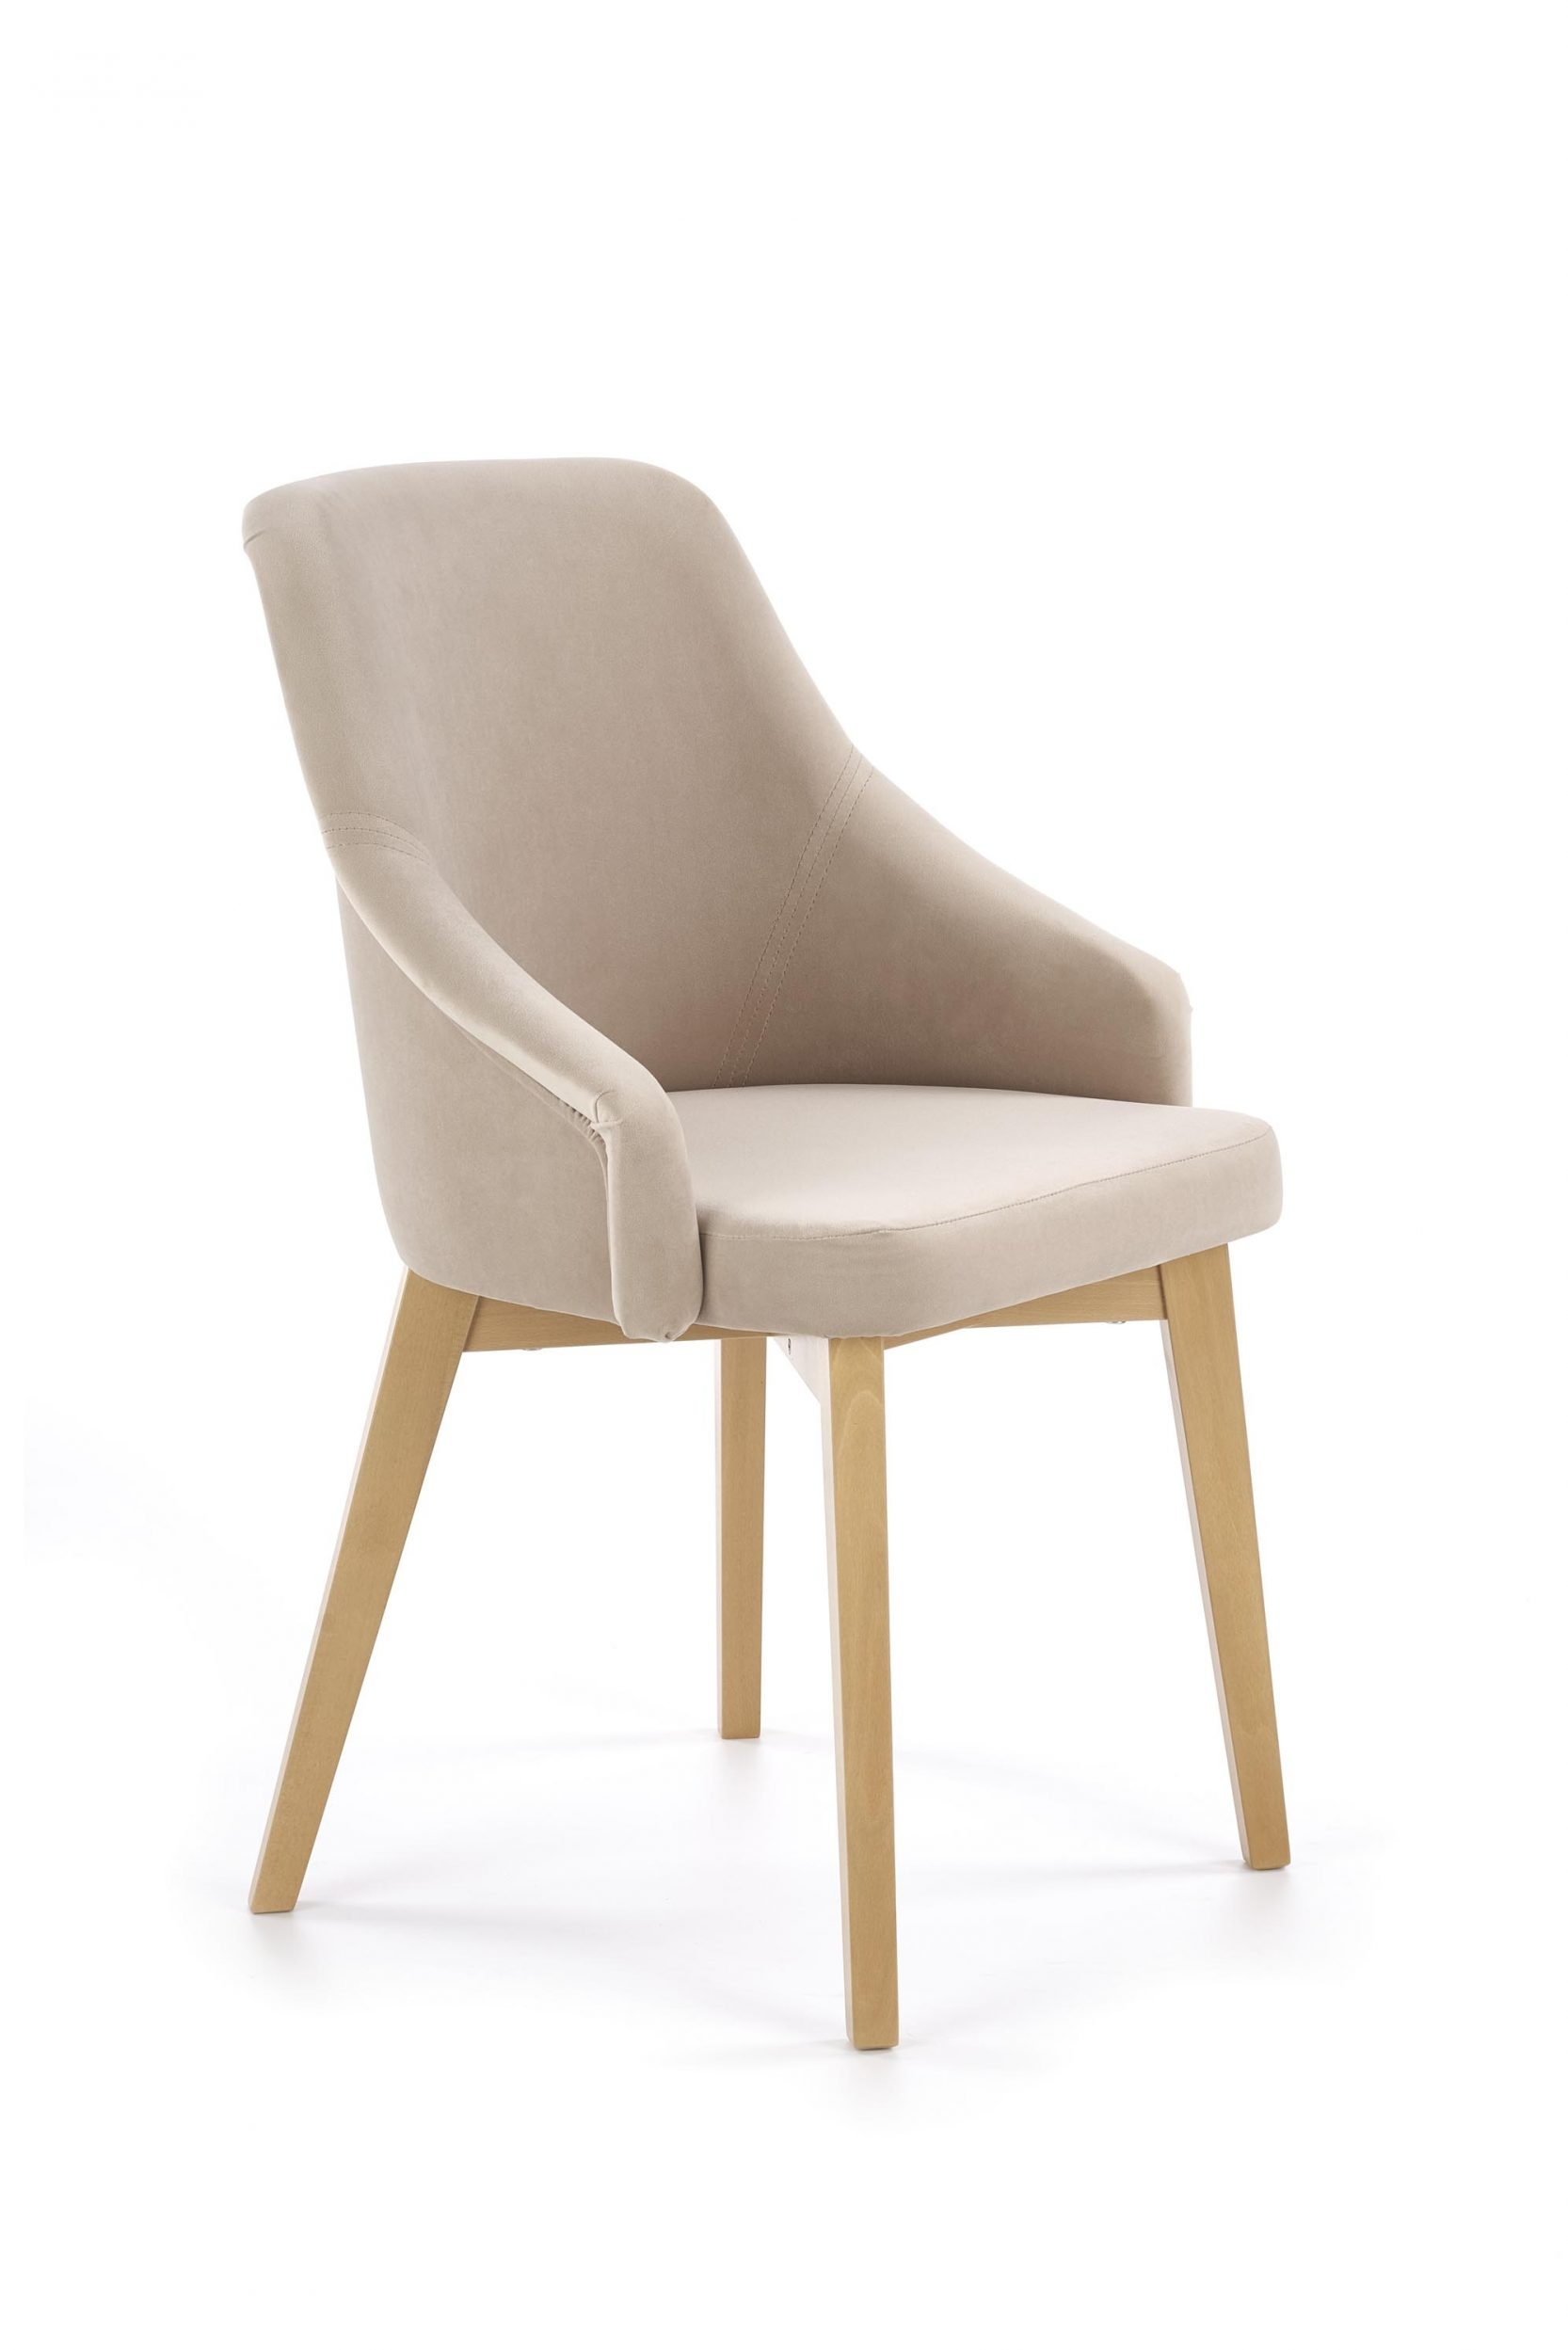 Scaun tapitat cu stofa, cu picioare din lemn Toledo 2 Bej / Stejar, l57xA56xH86 cm imagine